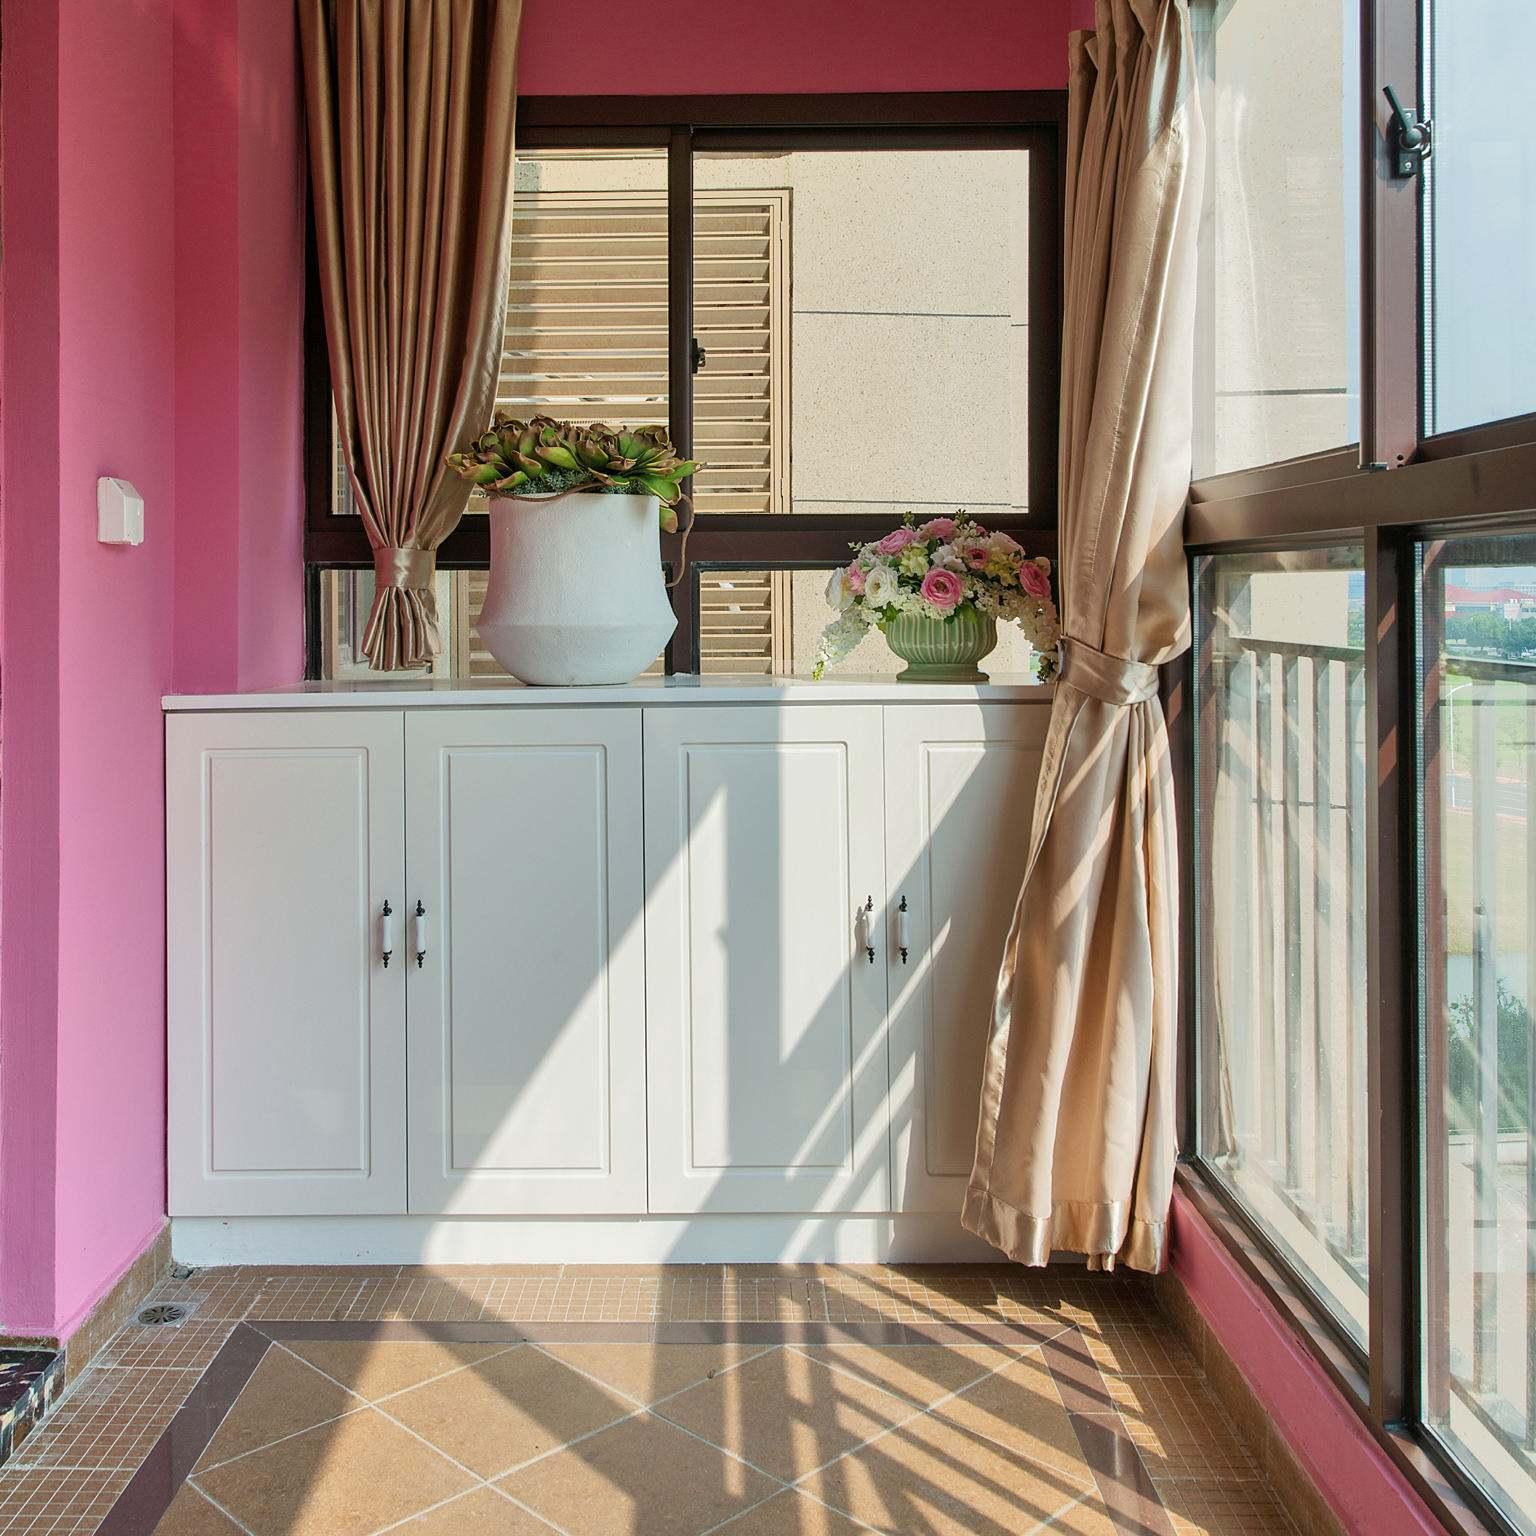 美式厨房窗帘装修效果图,厨房阳台窗帘装修效果图